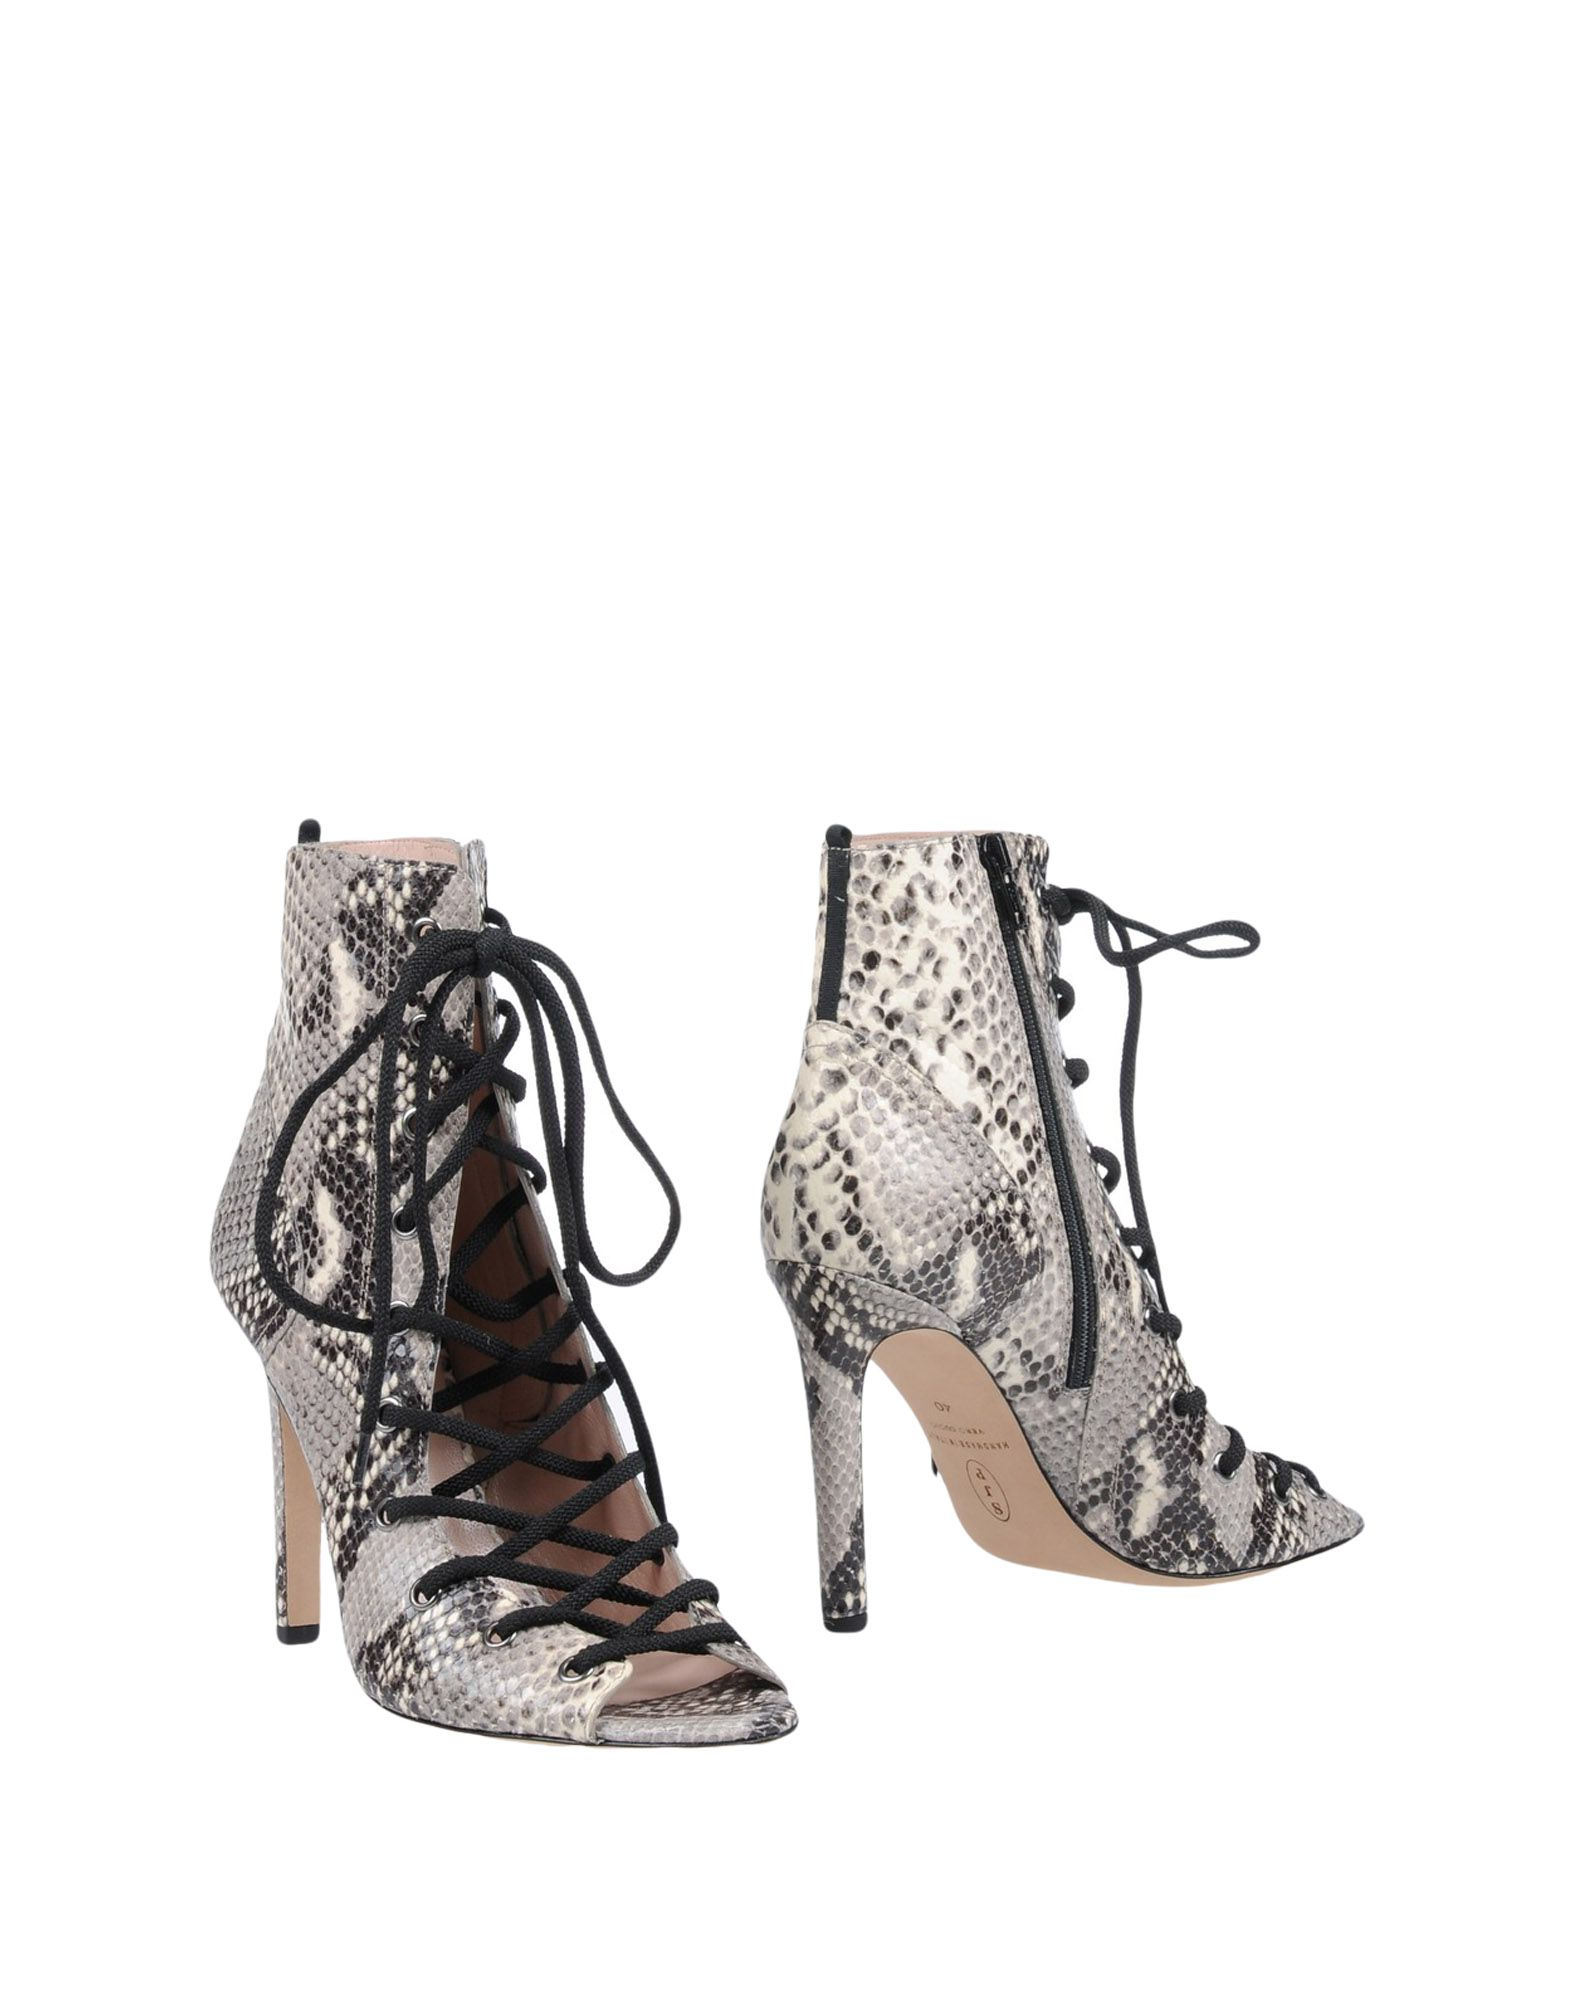 SJP by SARAH JESSICA PARKER Полусапоги и высокие ботинки sjp by sarah jessica parker полусапоги и высокие ботинки